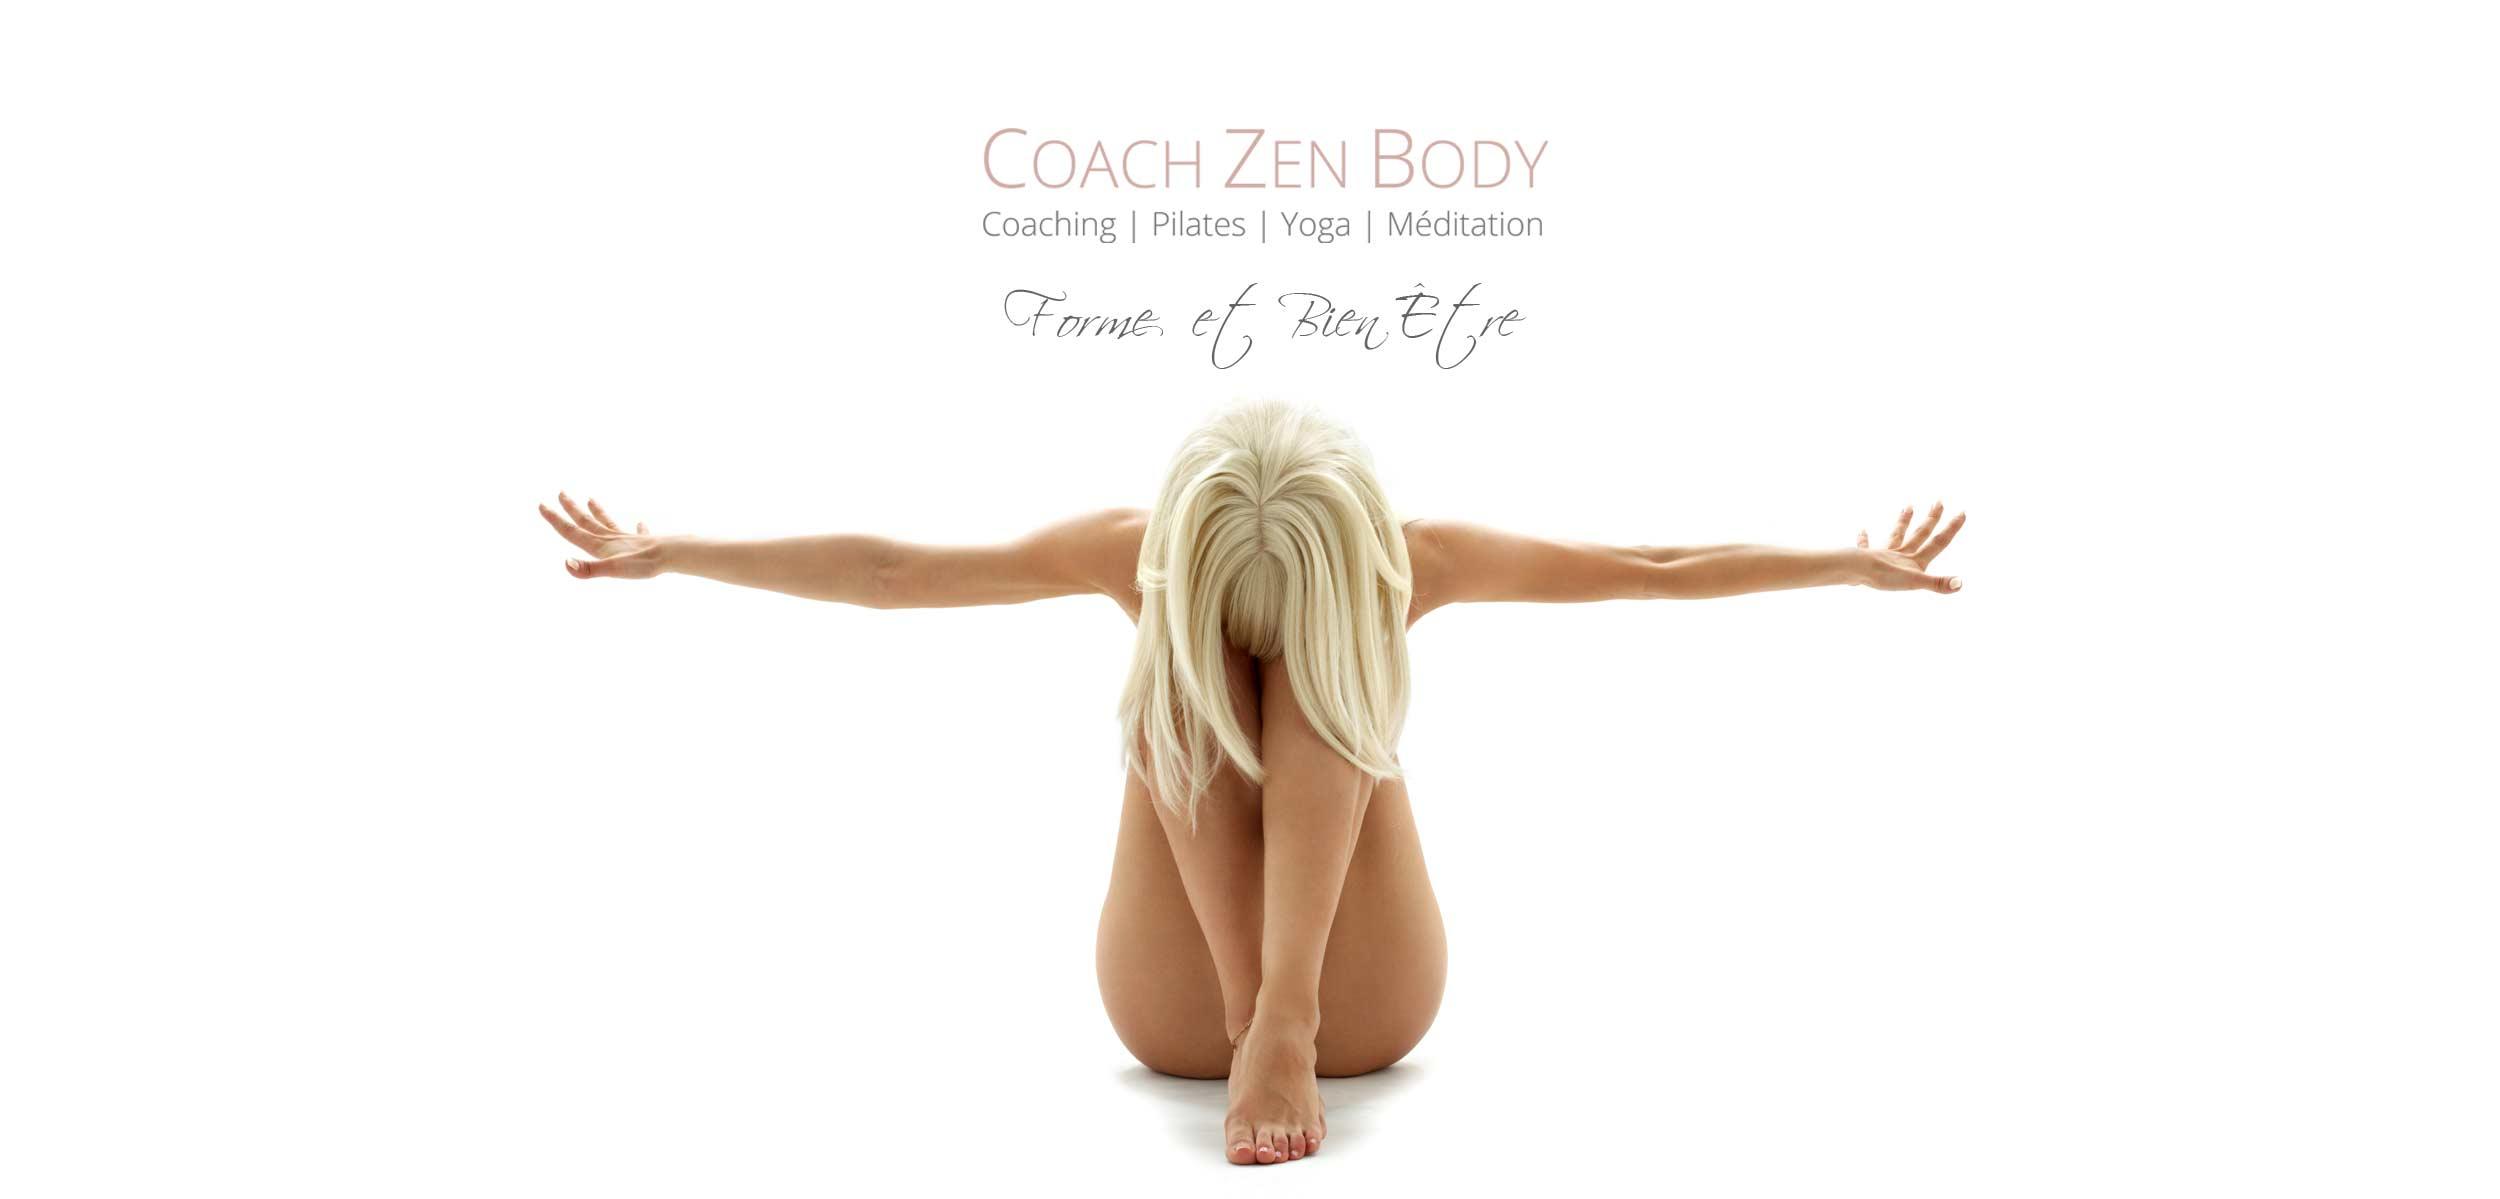 Coach Zen Body Rouen